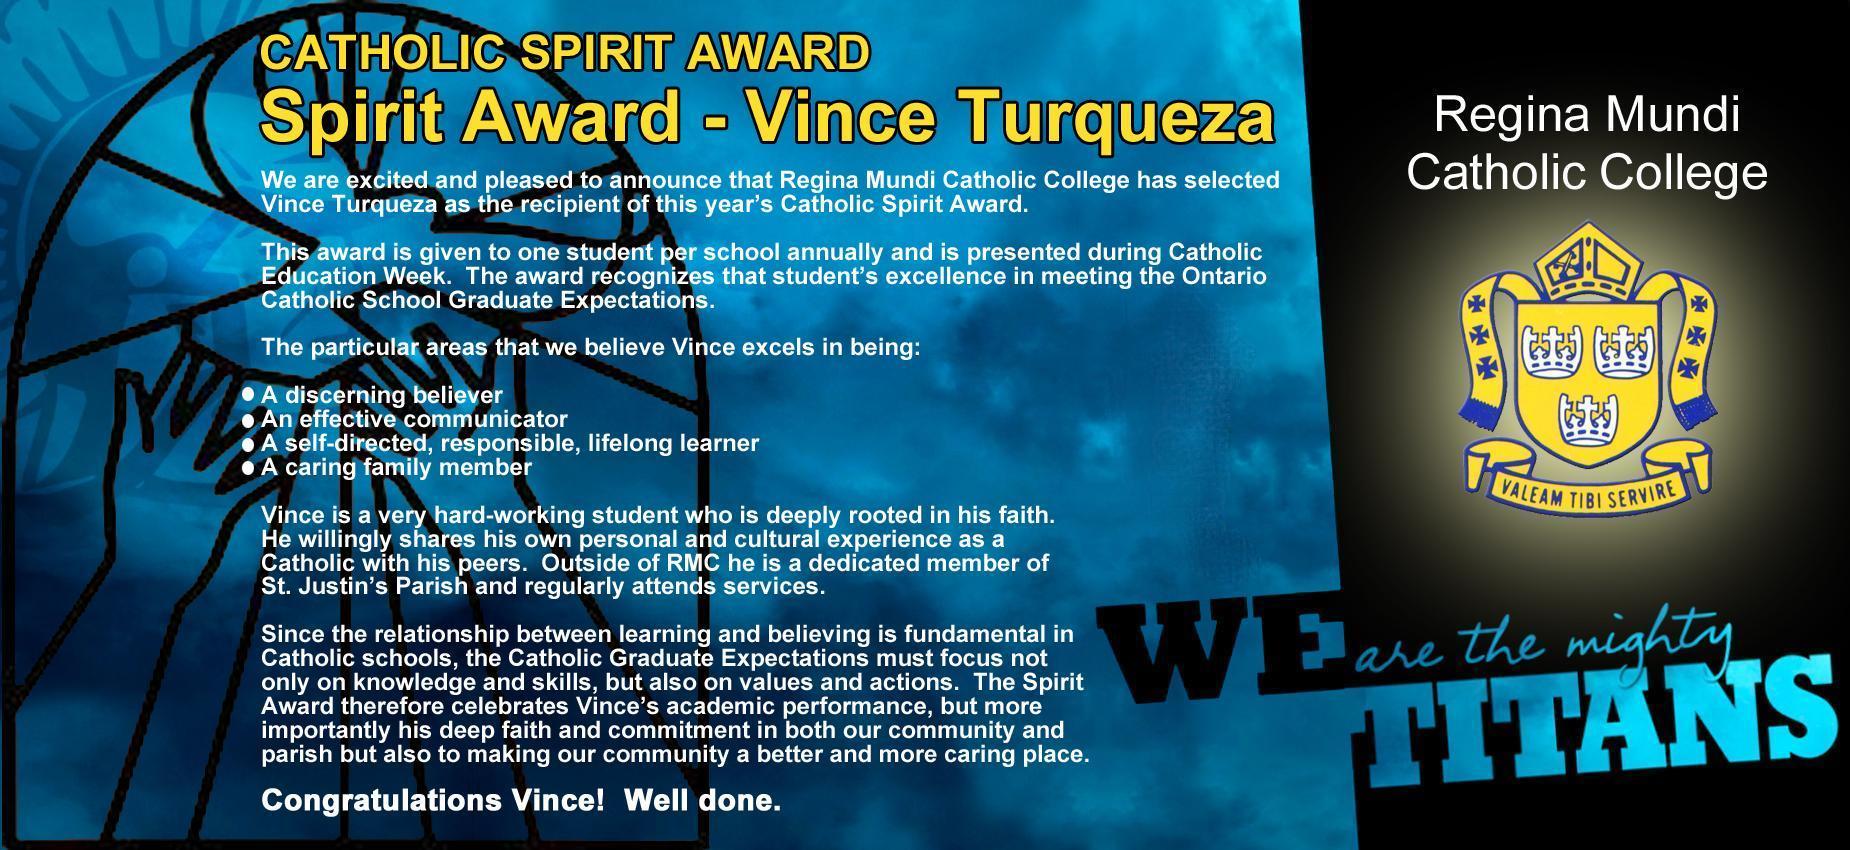 Catholic Spirit Award